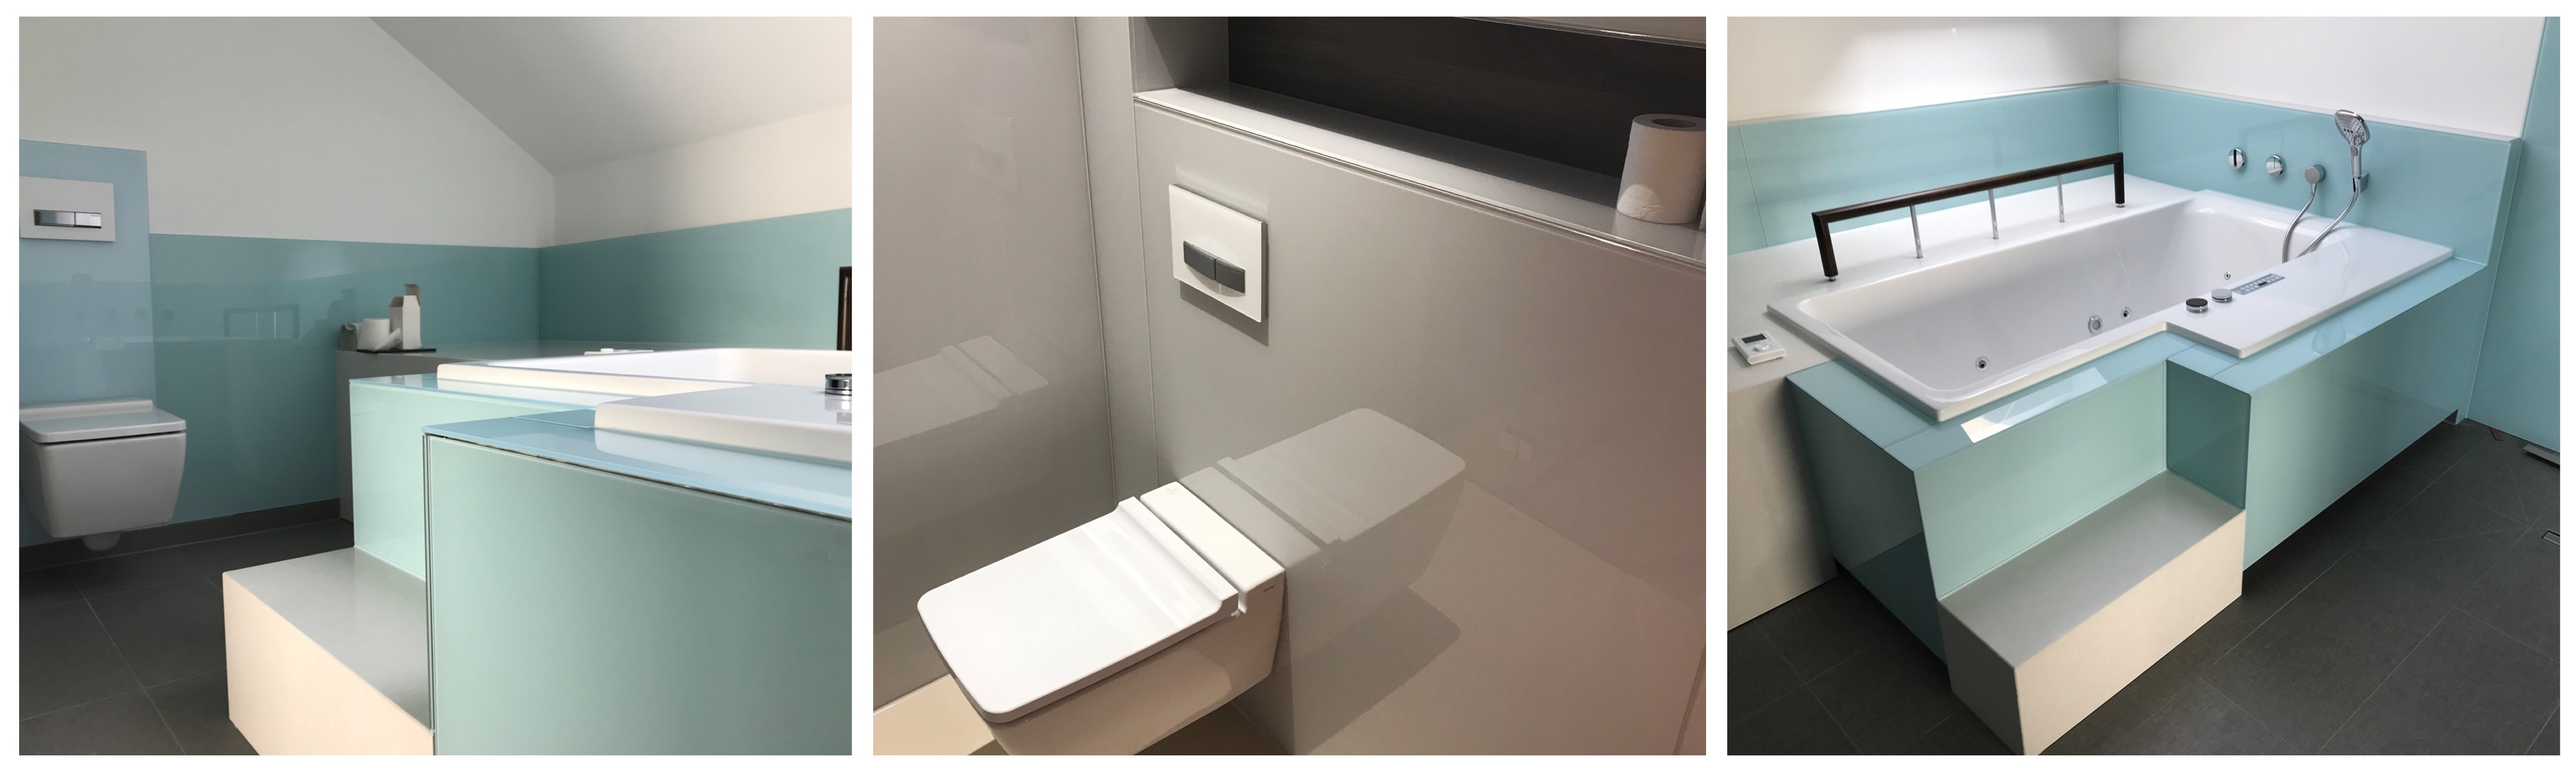 Badezimmer: Einrichtung & Innenausbau mit Glas | Glas Hetterich